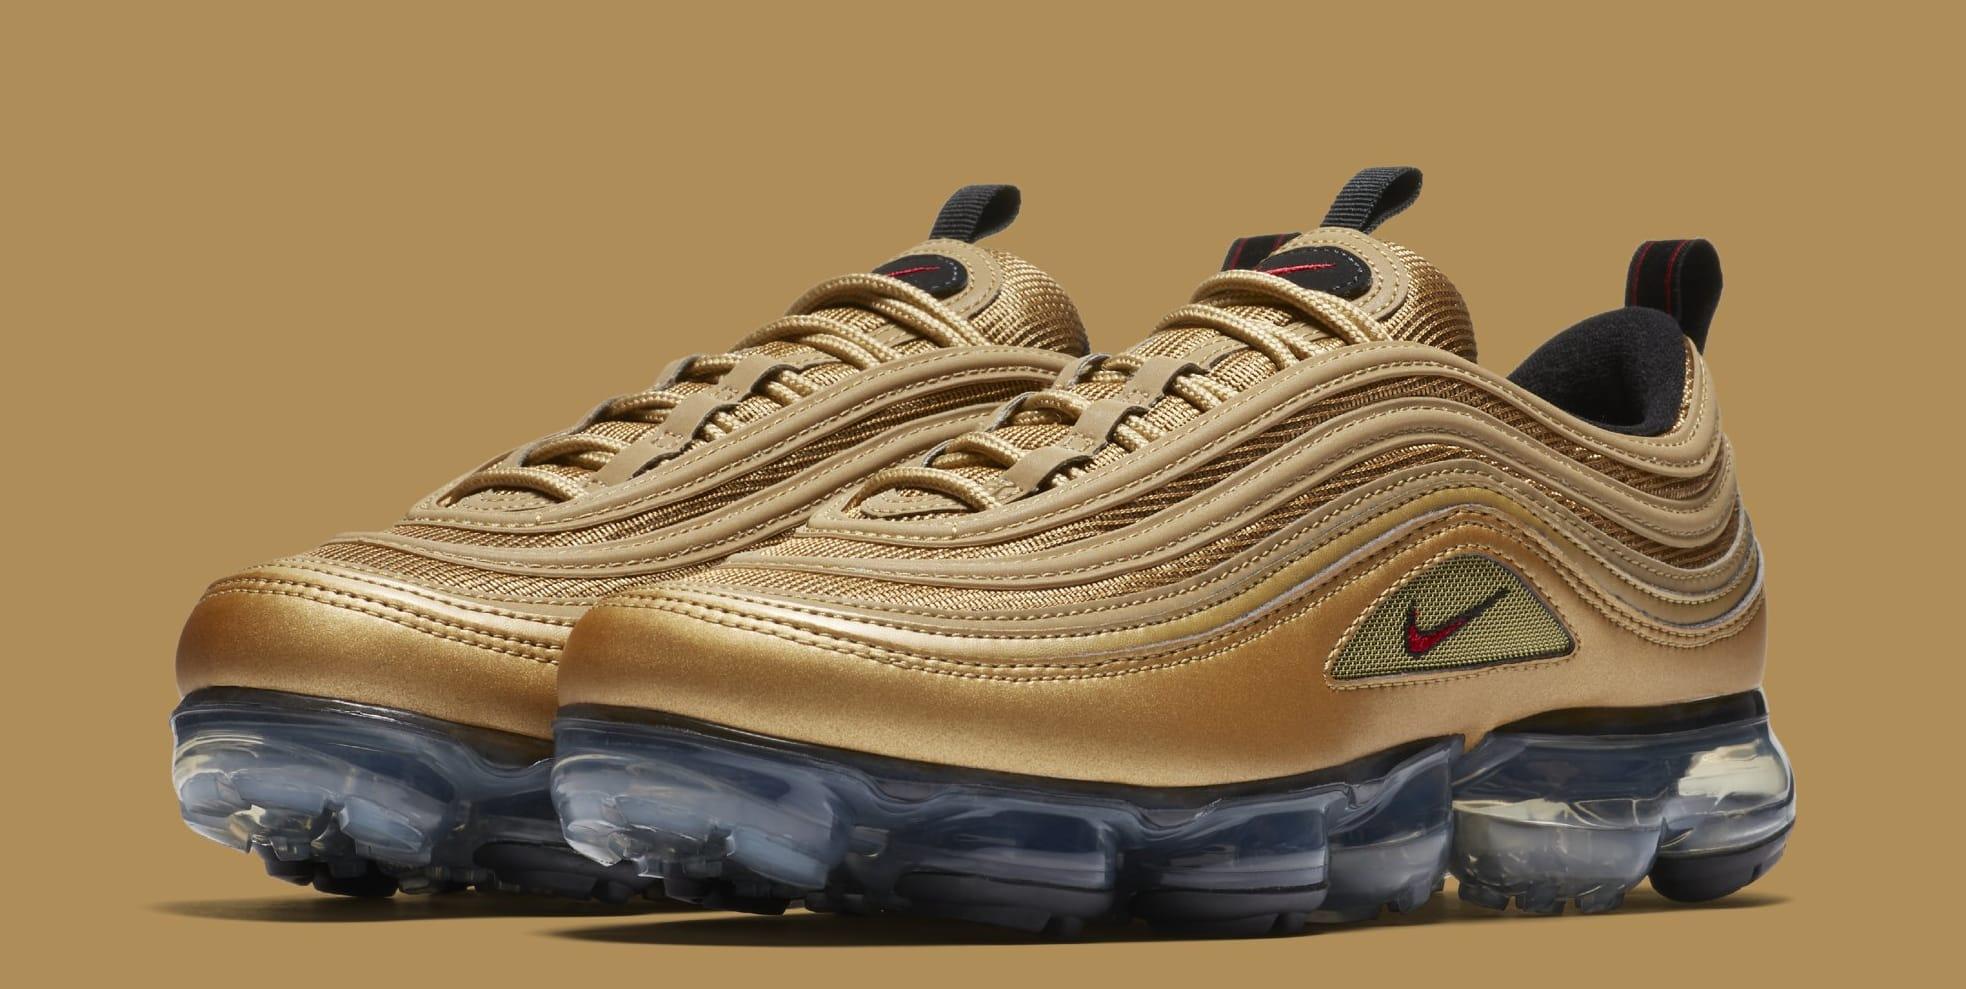 Nike Air Vapormax '97 Metallic Gold/ Varsity Red